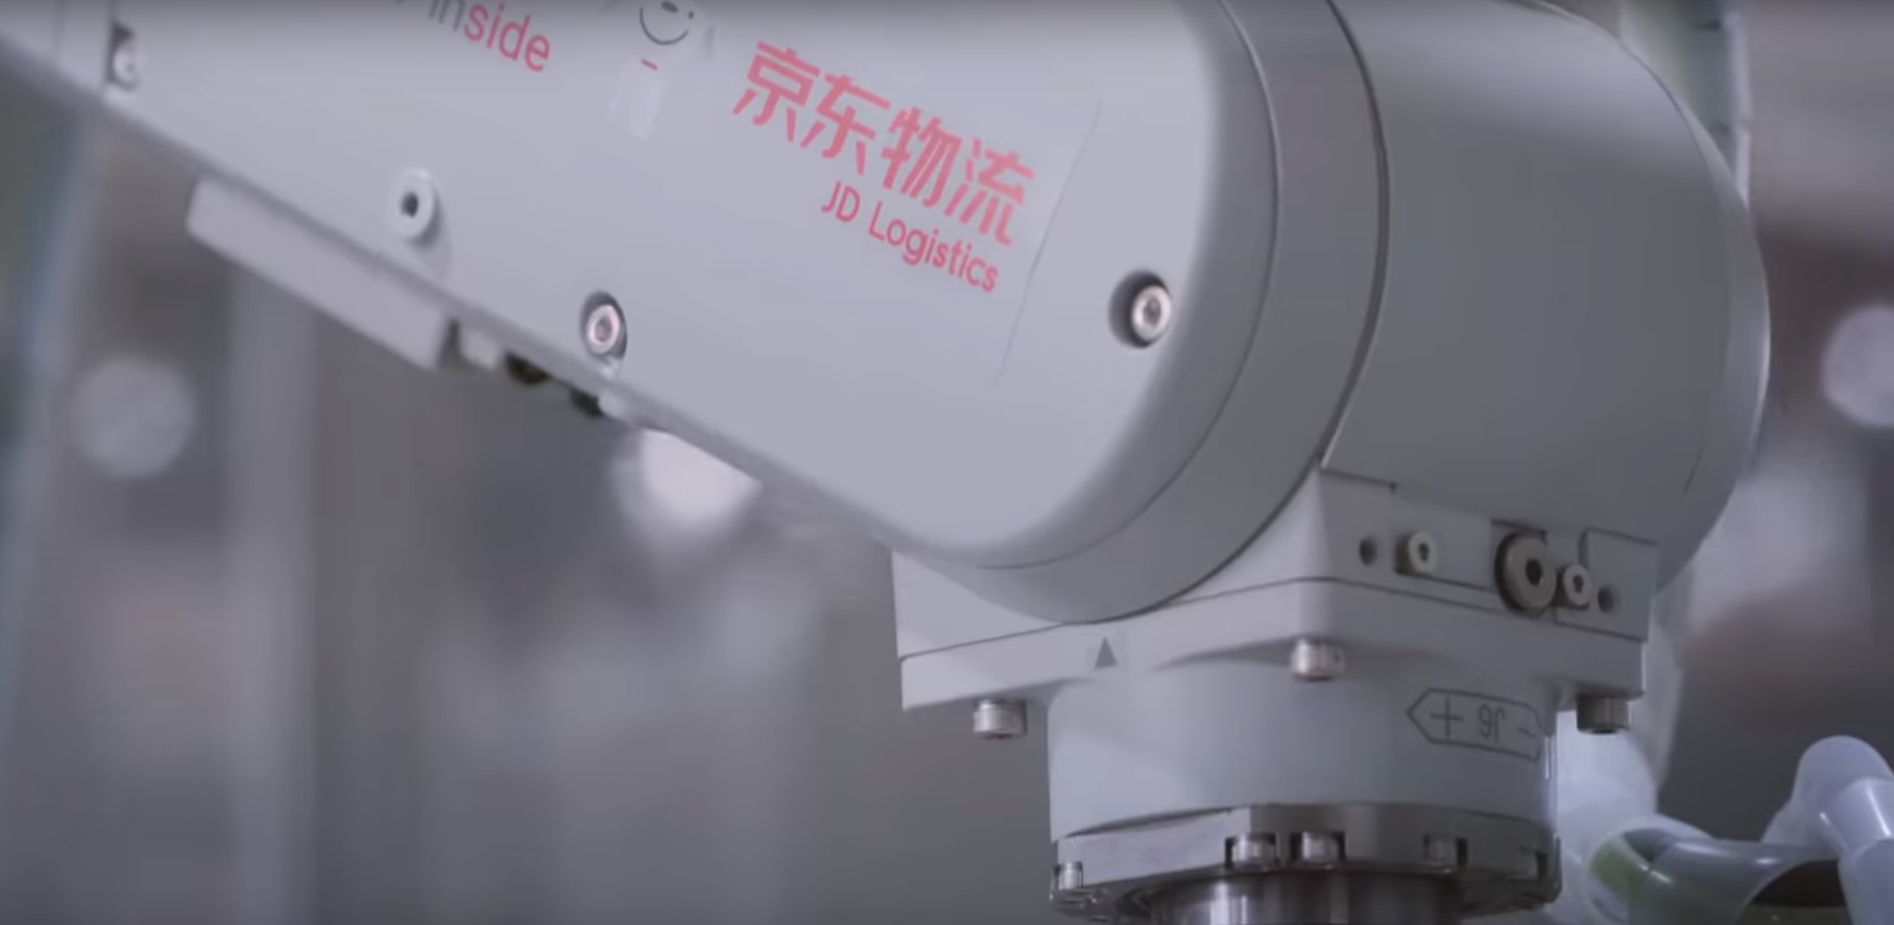 Tak wygląda przyszłość e-commerce, czyli całkowicie zautomatyzowany magazyn w Szanghaju